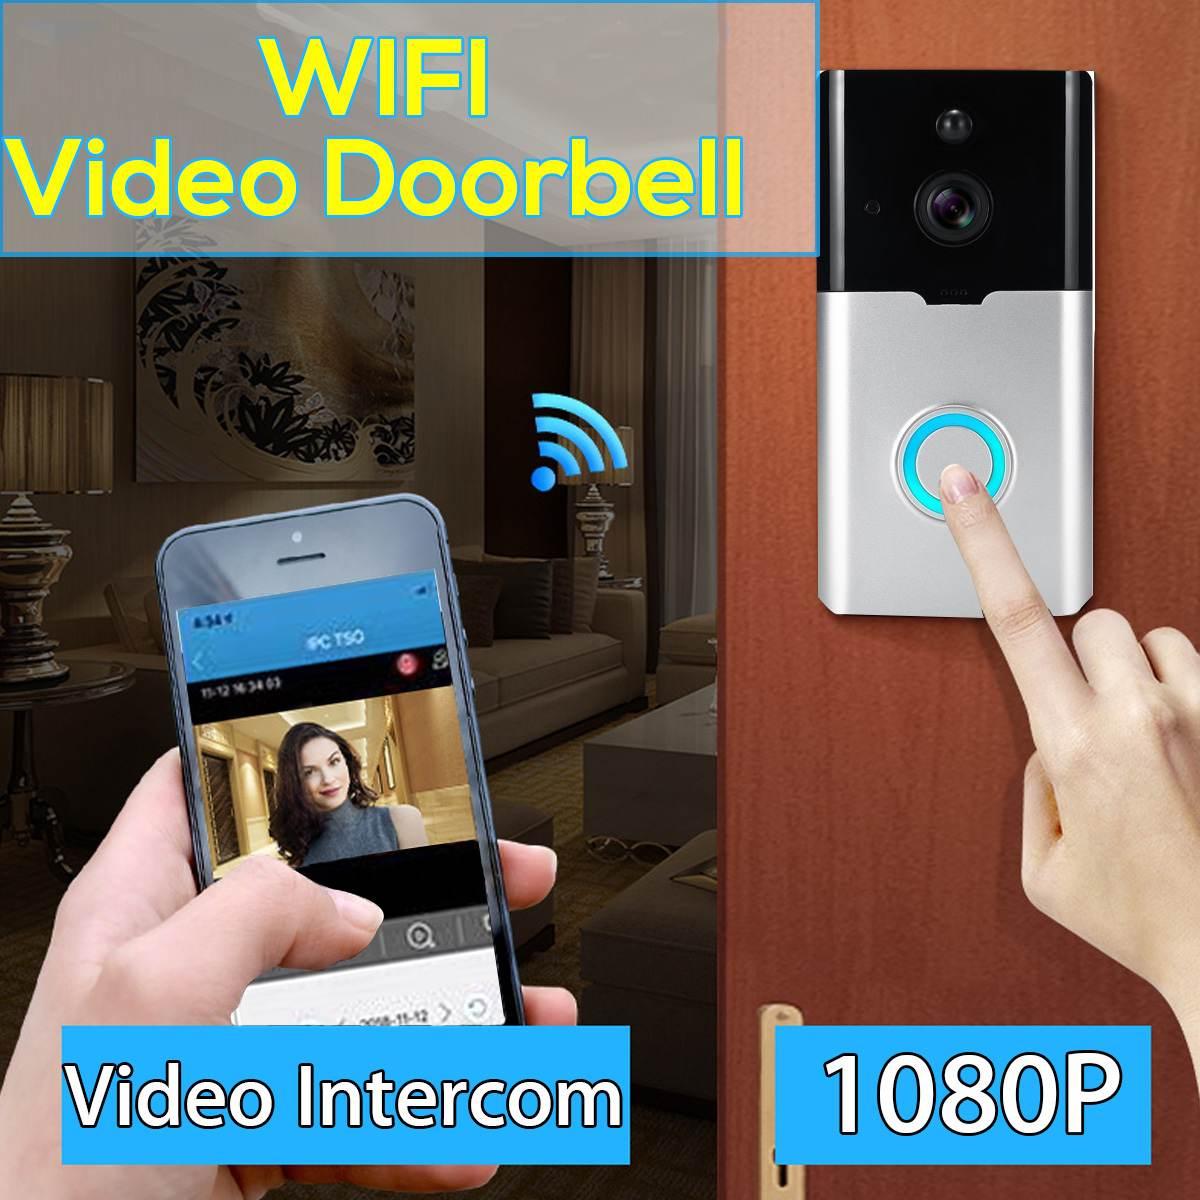 Smart WiFi Doorbell Wireless 1080P Video Intercom Camera Phone Night Vison Security Door Bell + 2 x 18650 BatteriesSmart WiFi Doorbell Wireless 1080P Video Intercom Camera Phone Night Vison Security Door Bell + 2 x 18650 Batteries